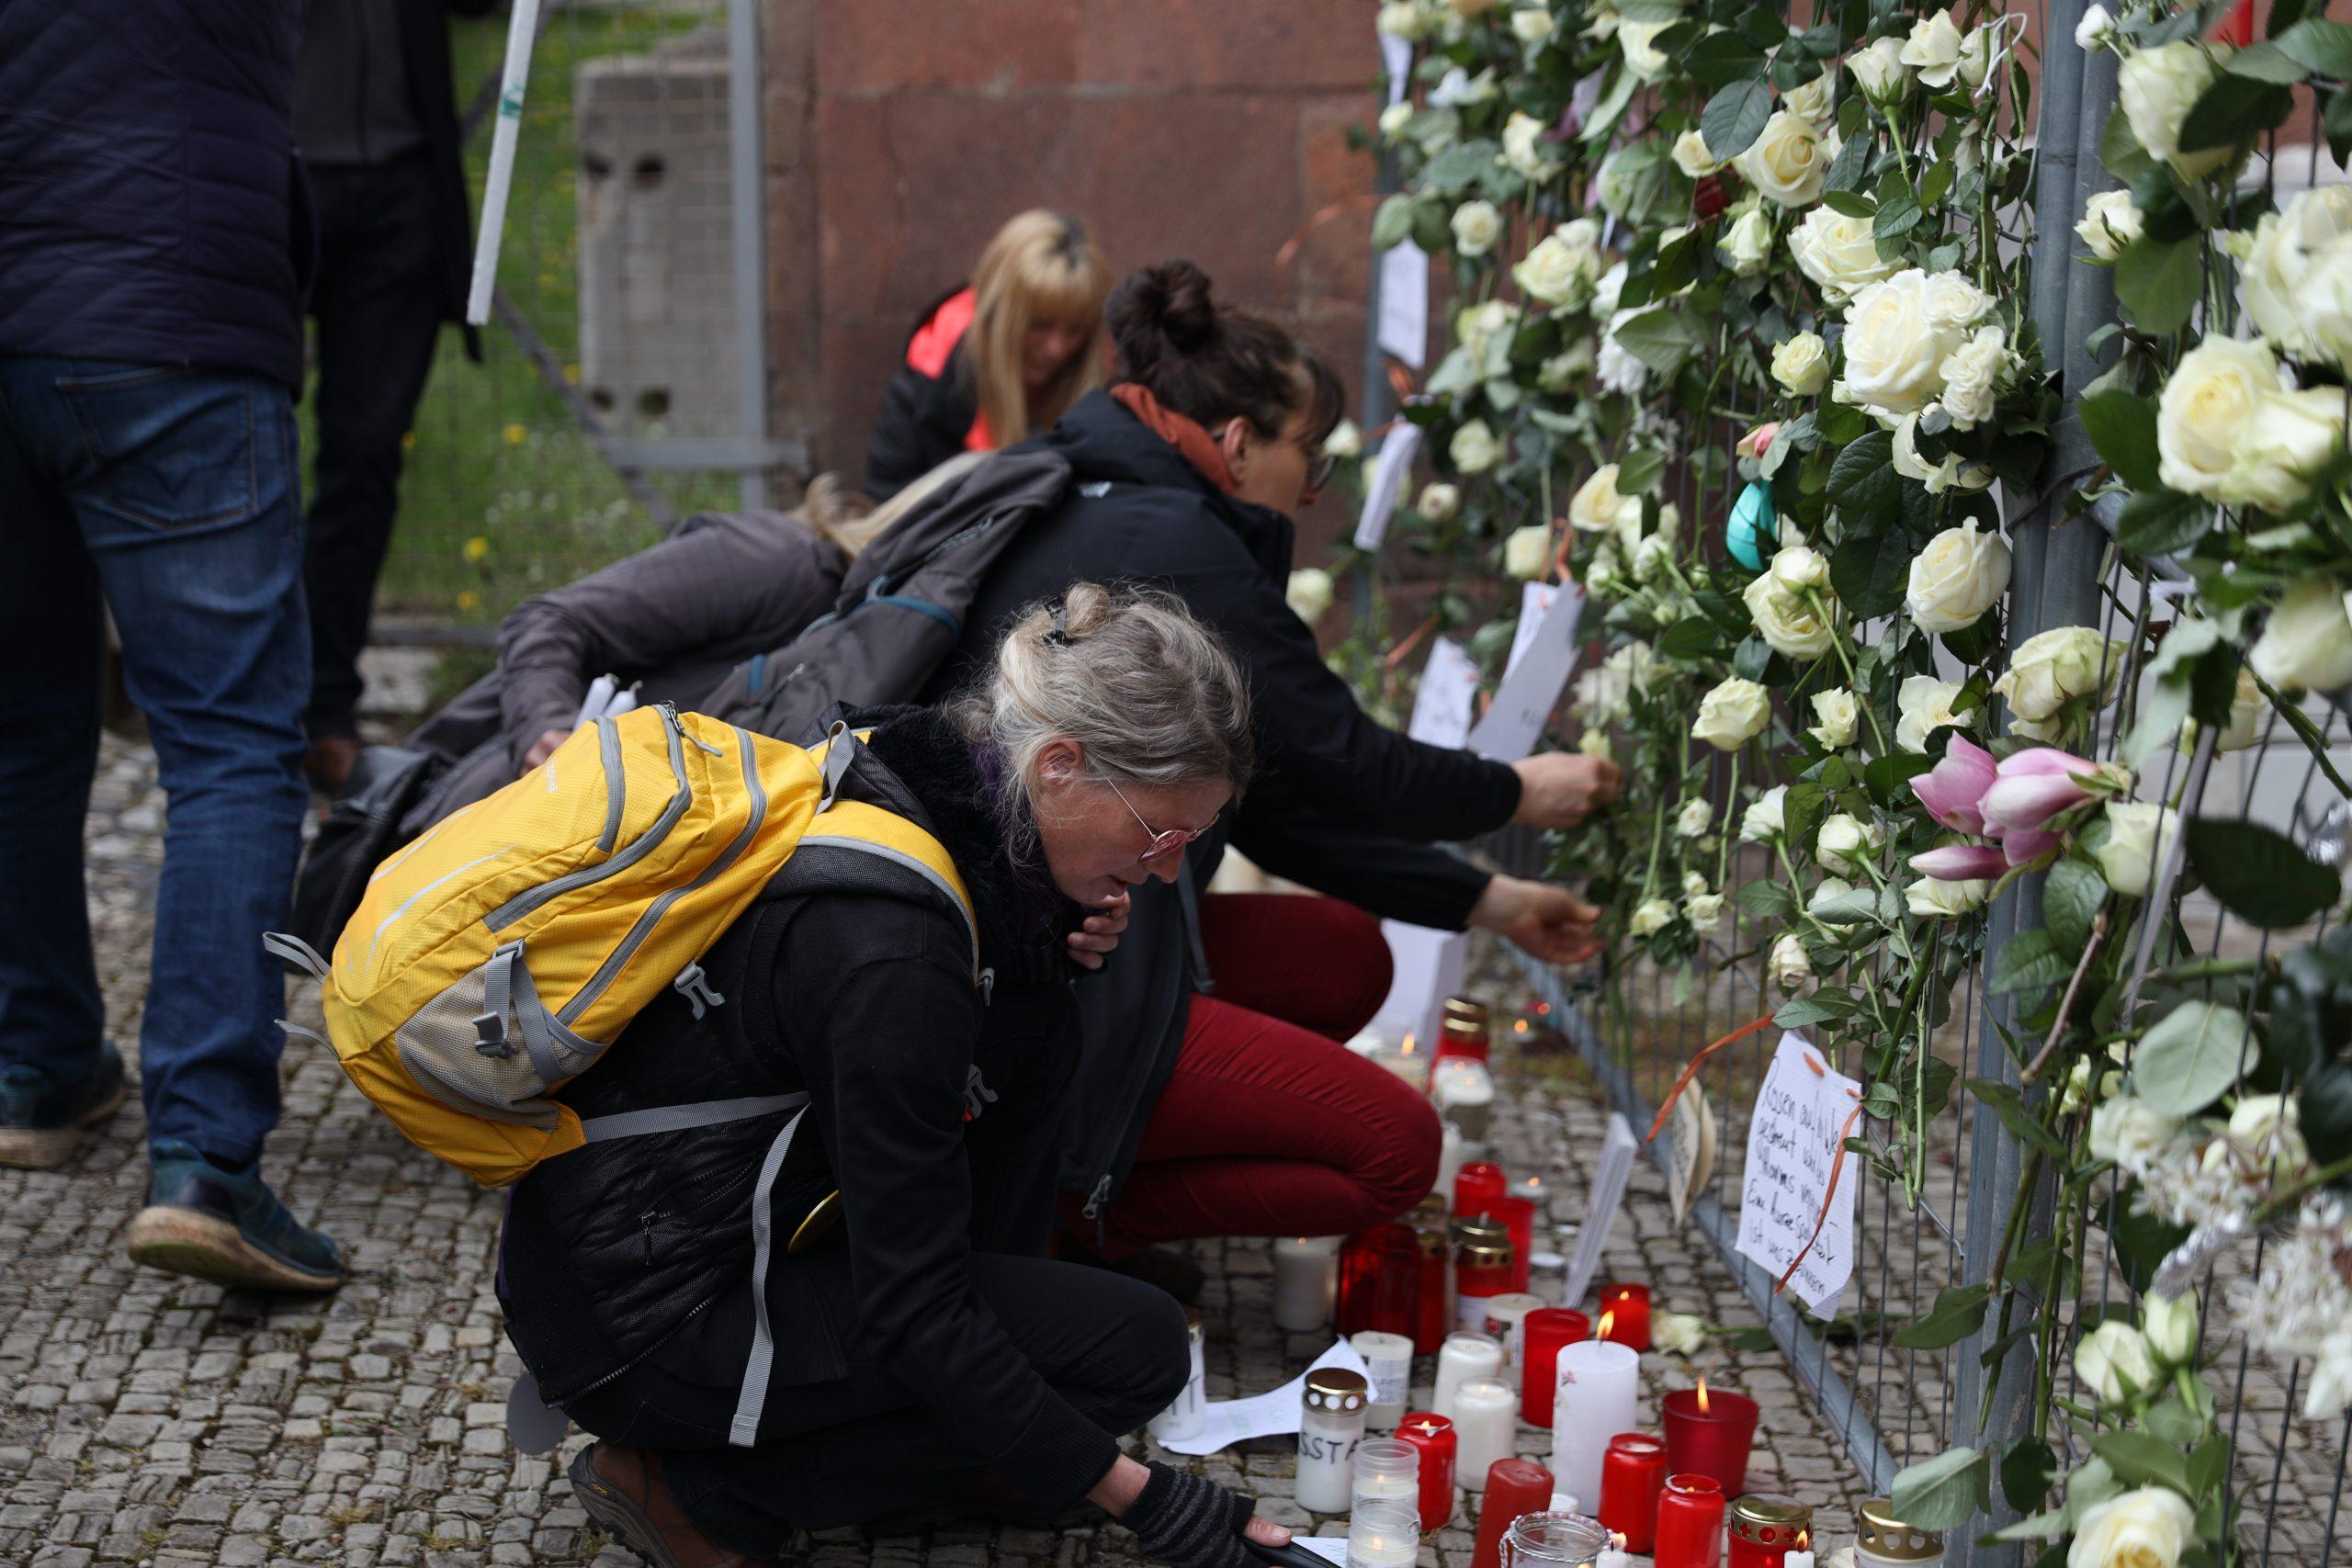 Weiße Rosen vor Weimarer Amtsgericht: Polizei löst nicht genehmigten Protest auf